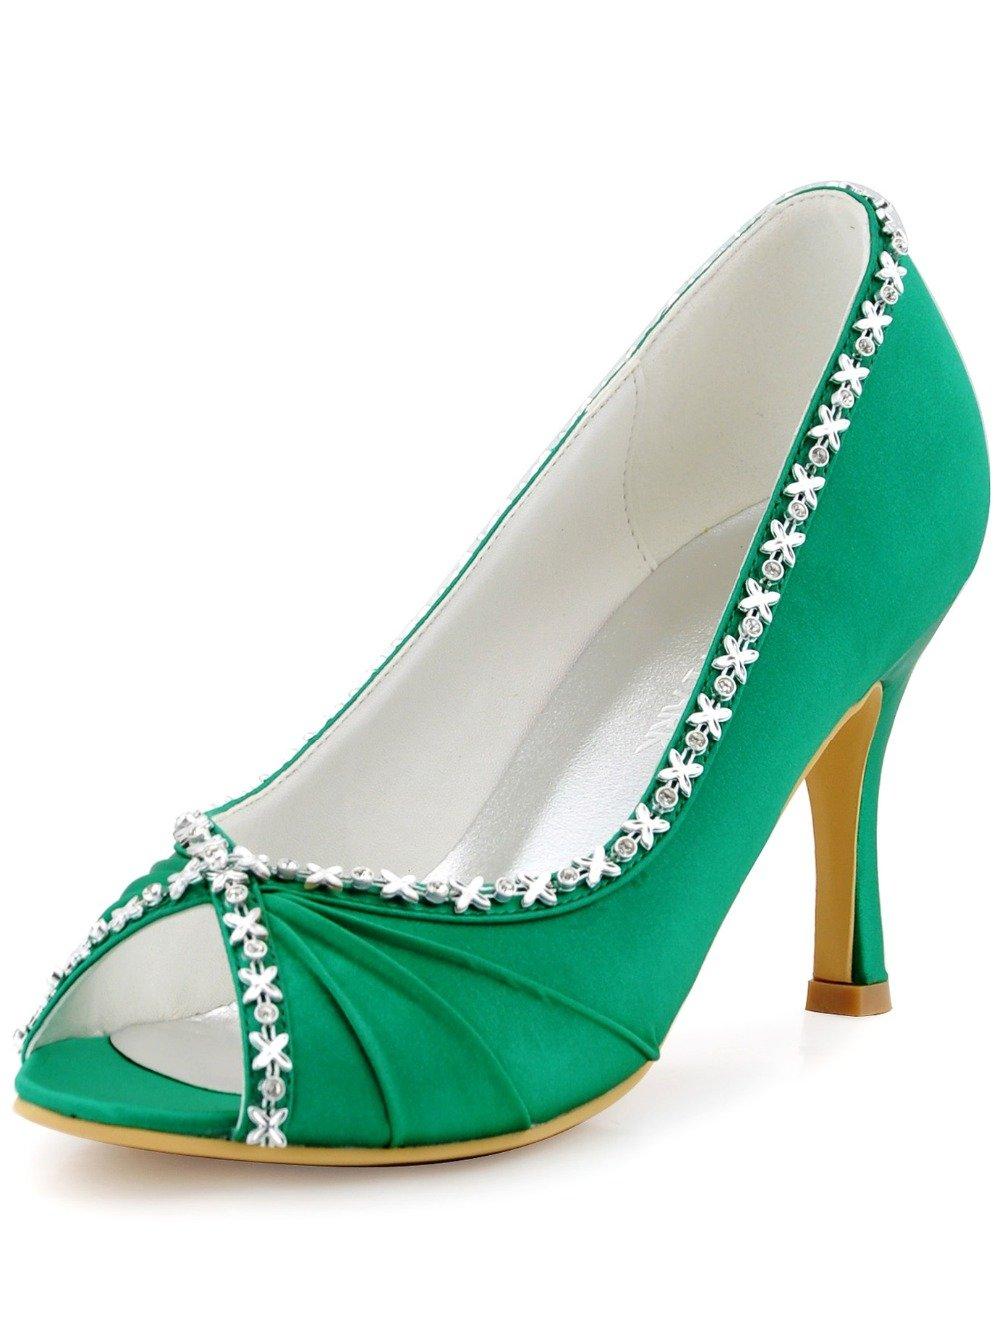 зеленые туфли с открытым носком для выпускного